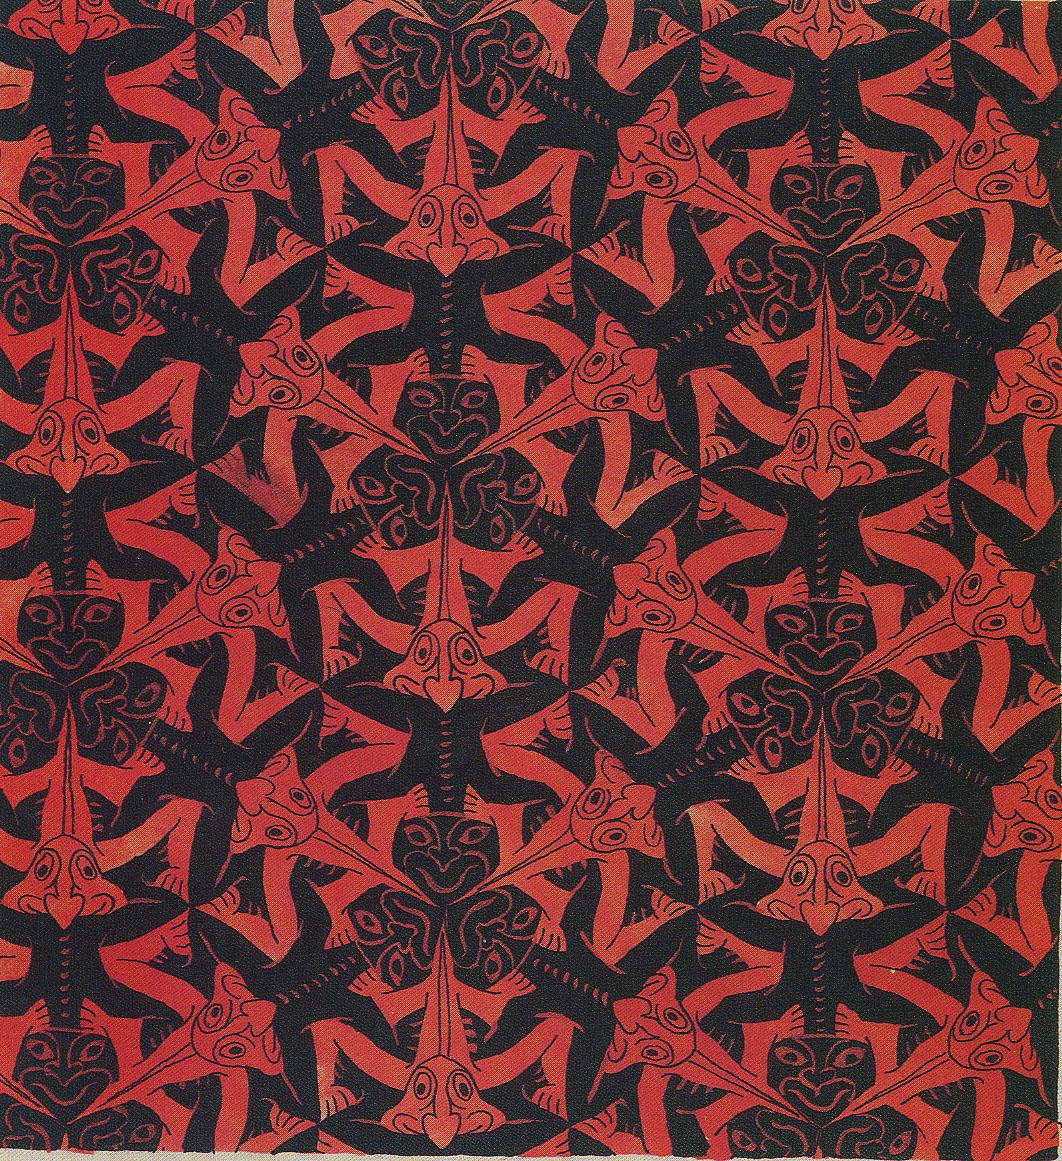 Eschers symmetry prints from MC Escher Official website 1062x1161